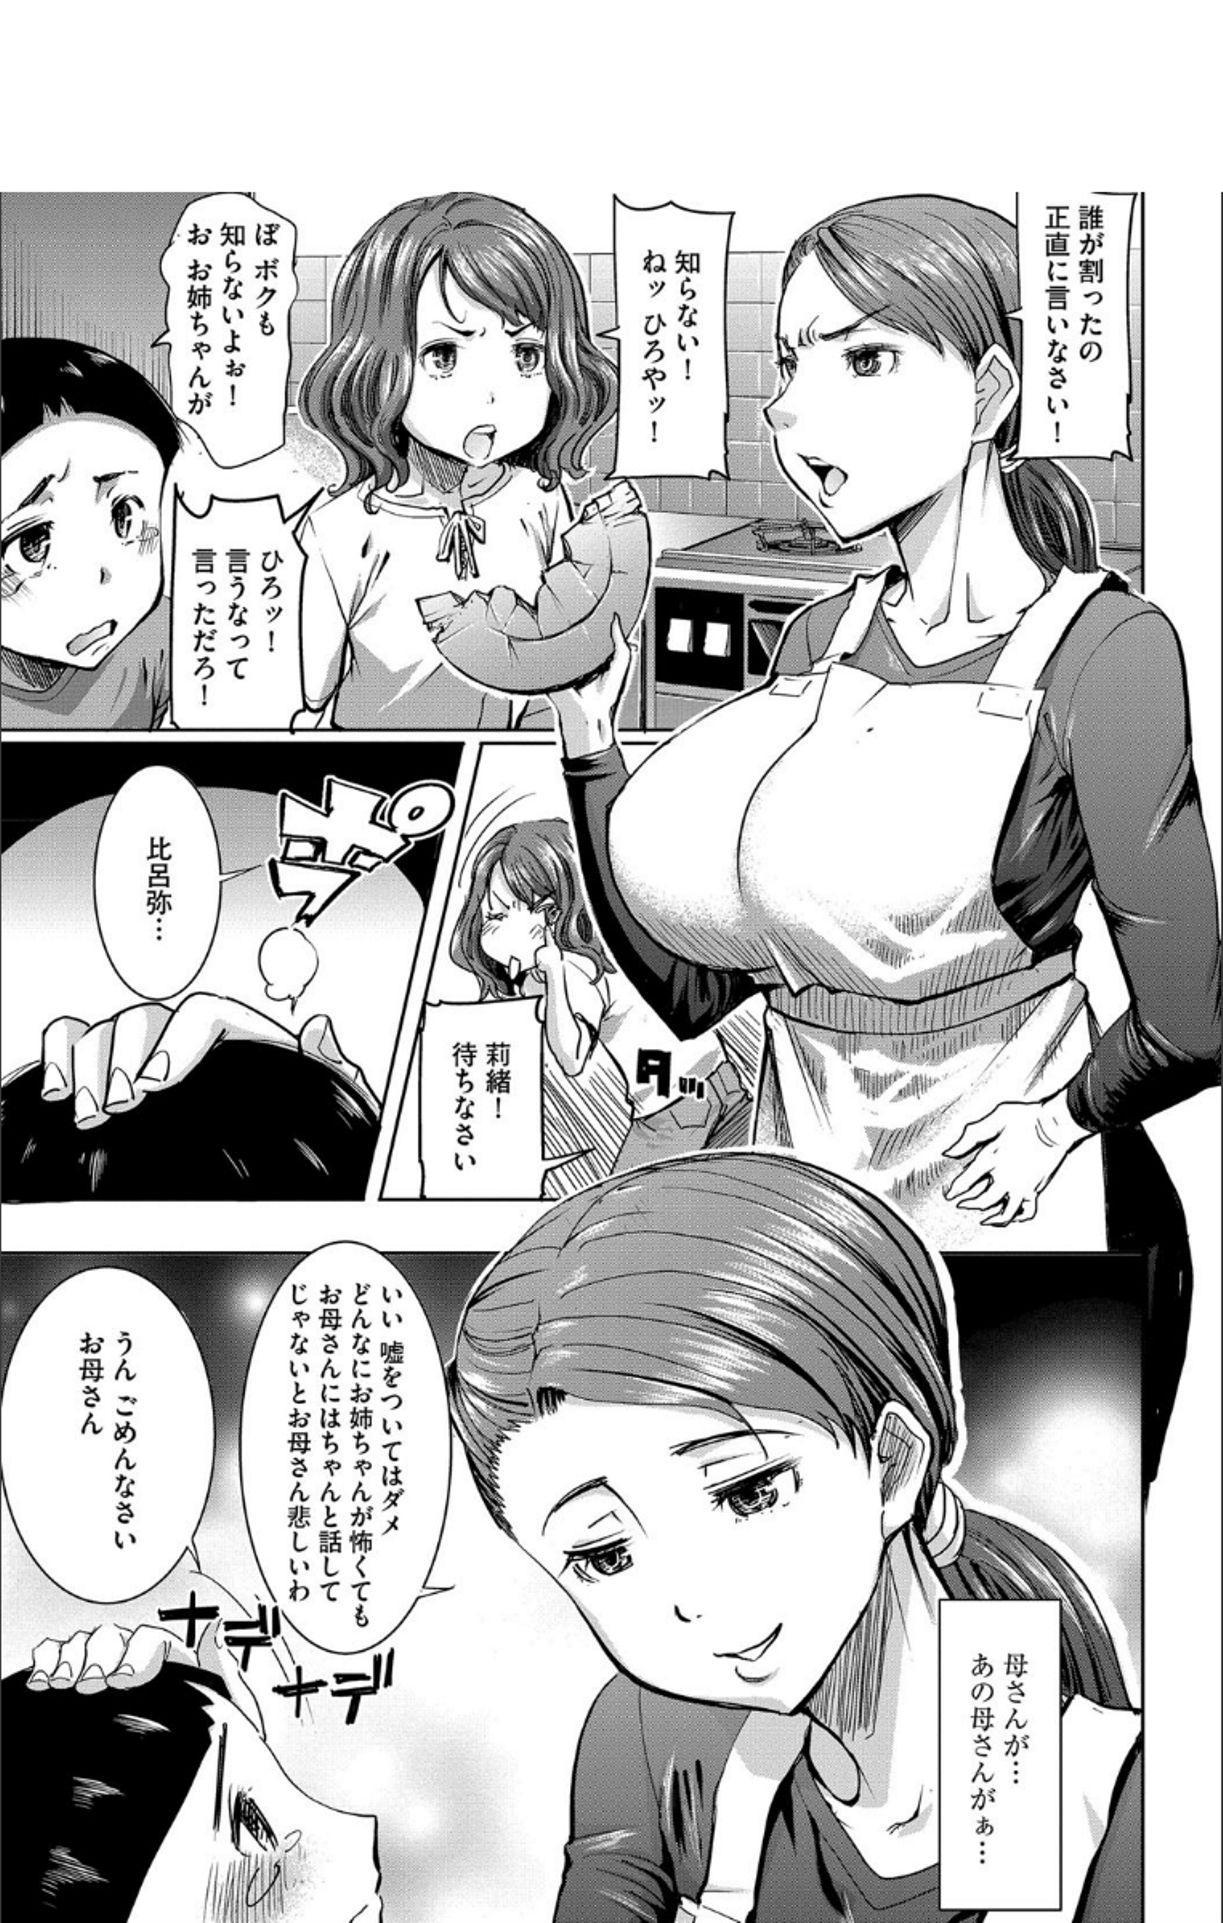 Boku no Kazoku o Sarashimasu + DMM Gentei Tokuten Paper 83